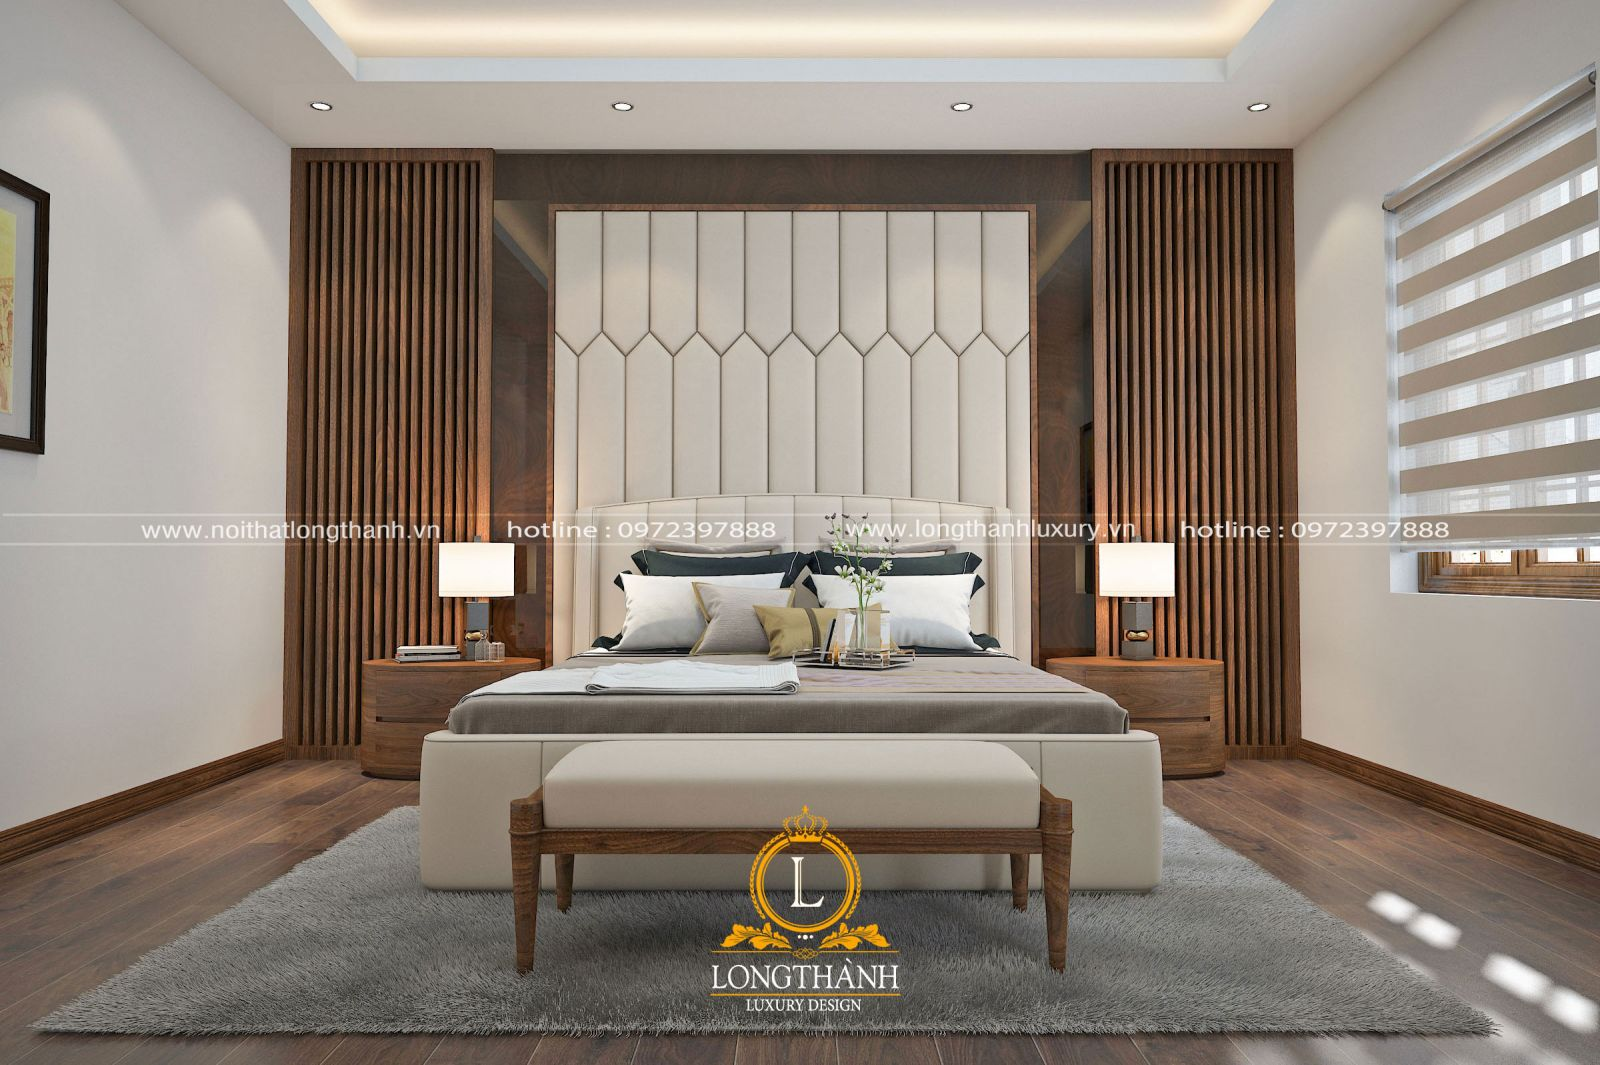 Phòng ngủ được lựa chọn chất liệu cao cấp